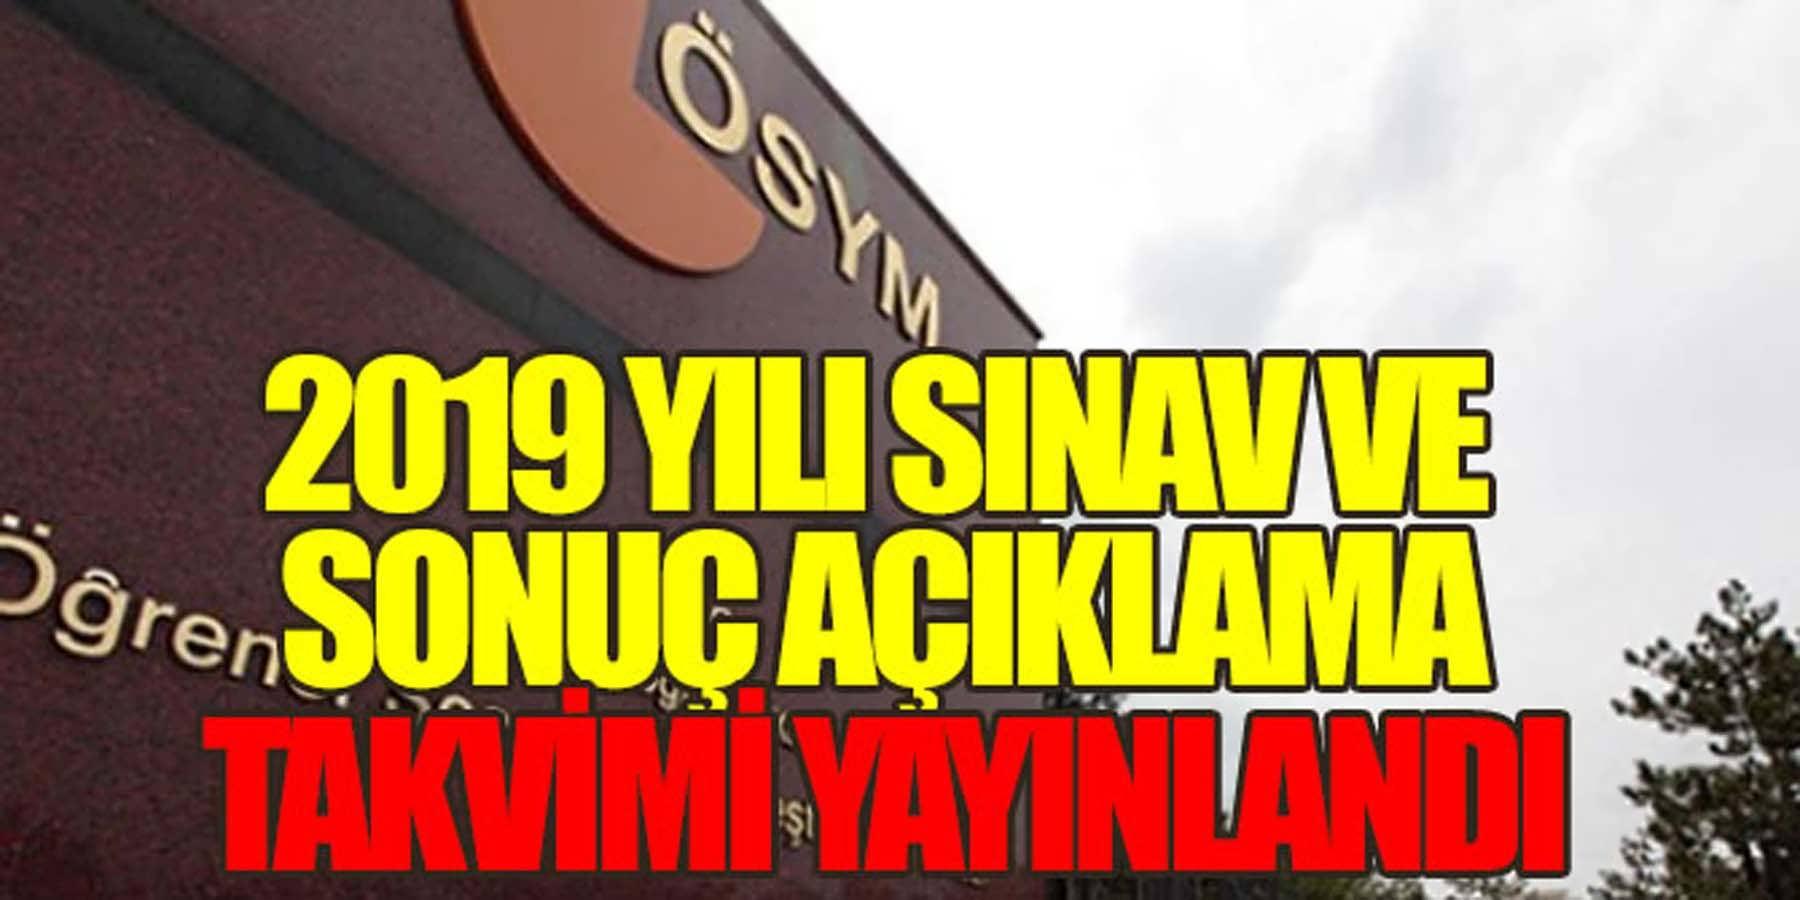 2019 Yılı Sınav ve Sonuç Açıklama Takvimi (ÖSYM)